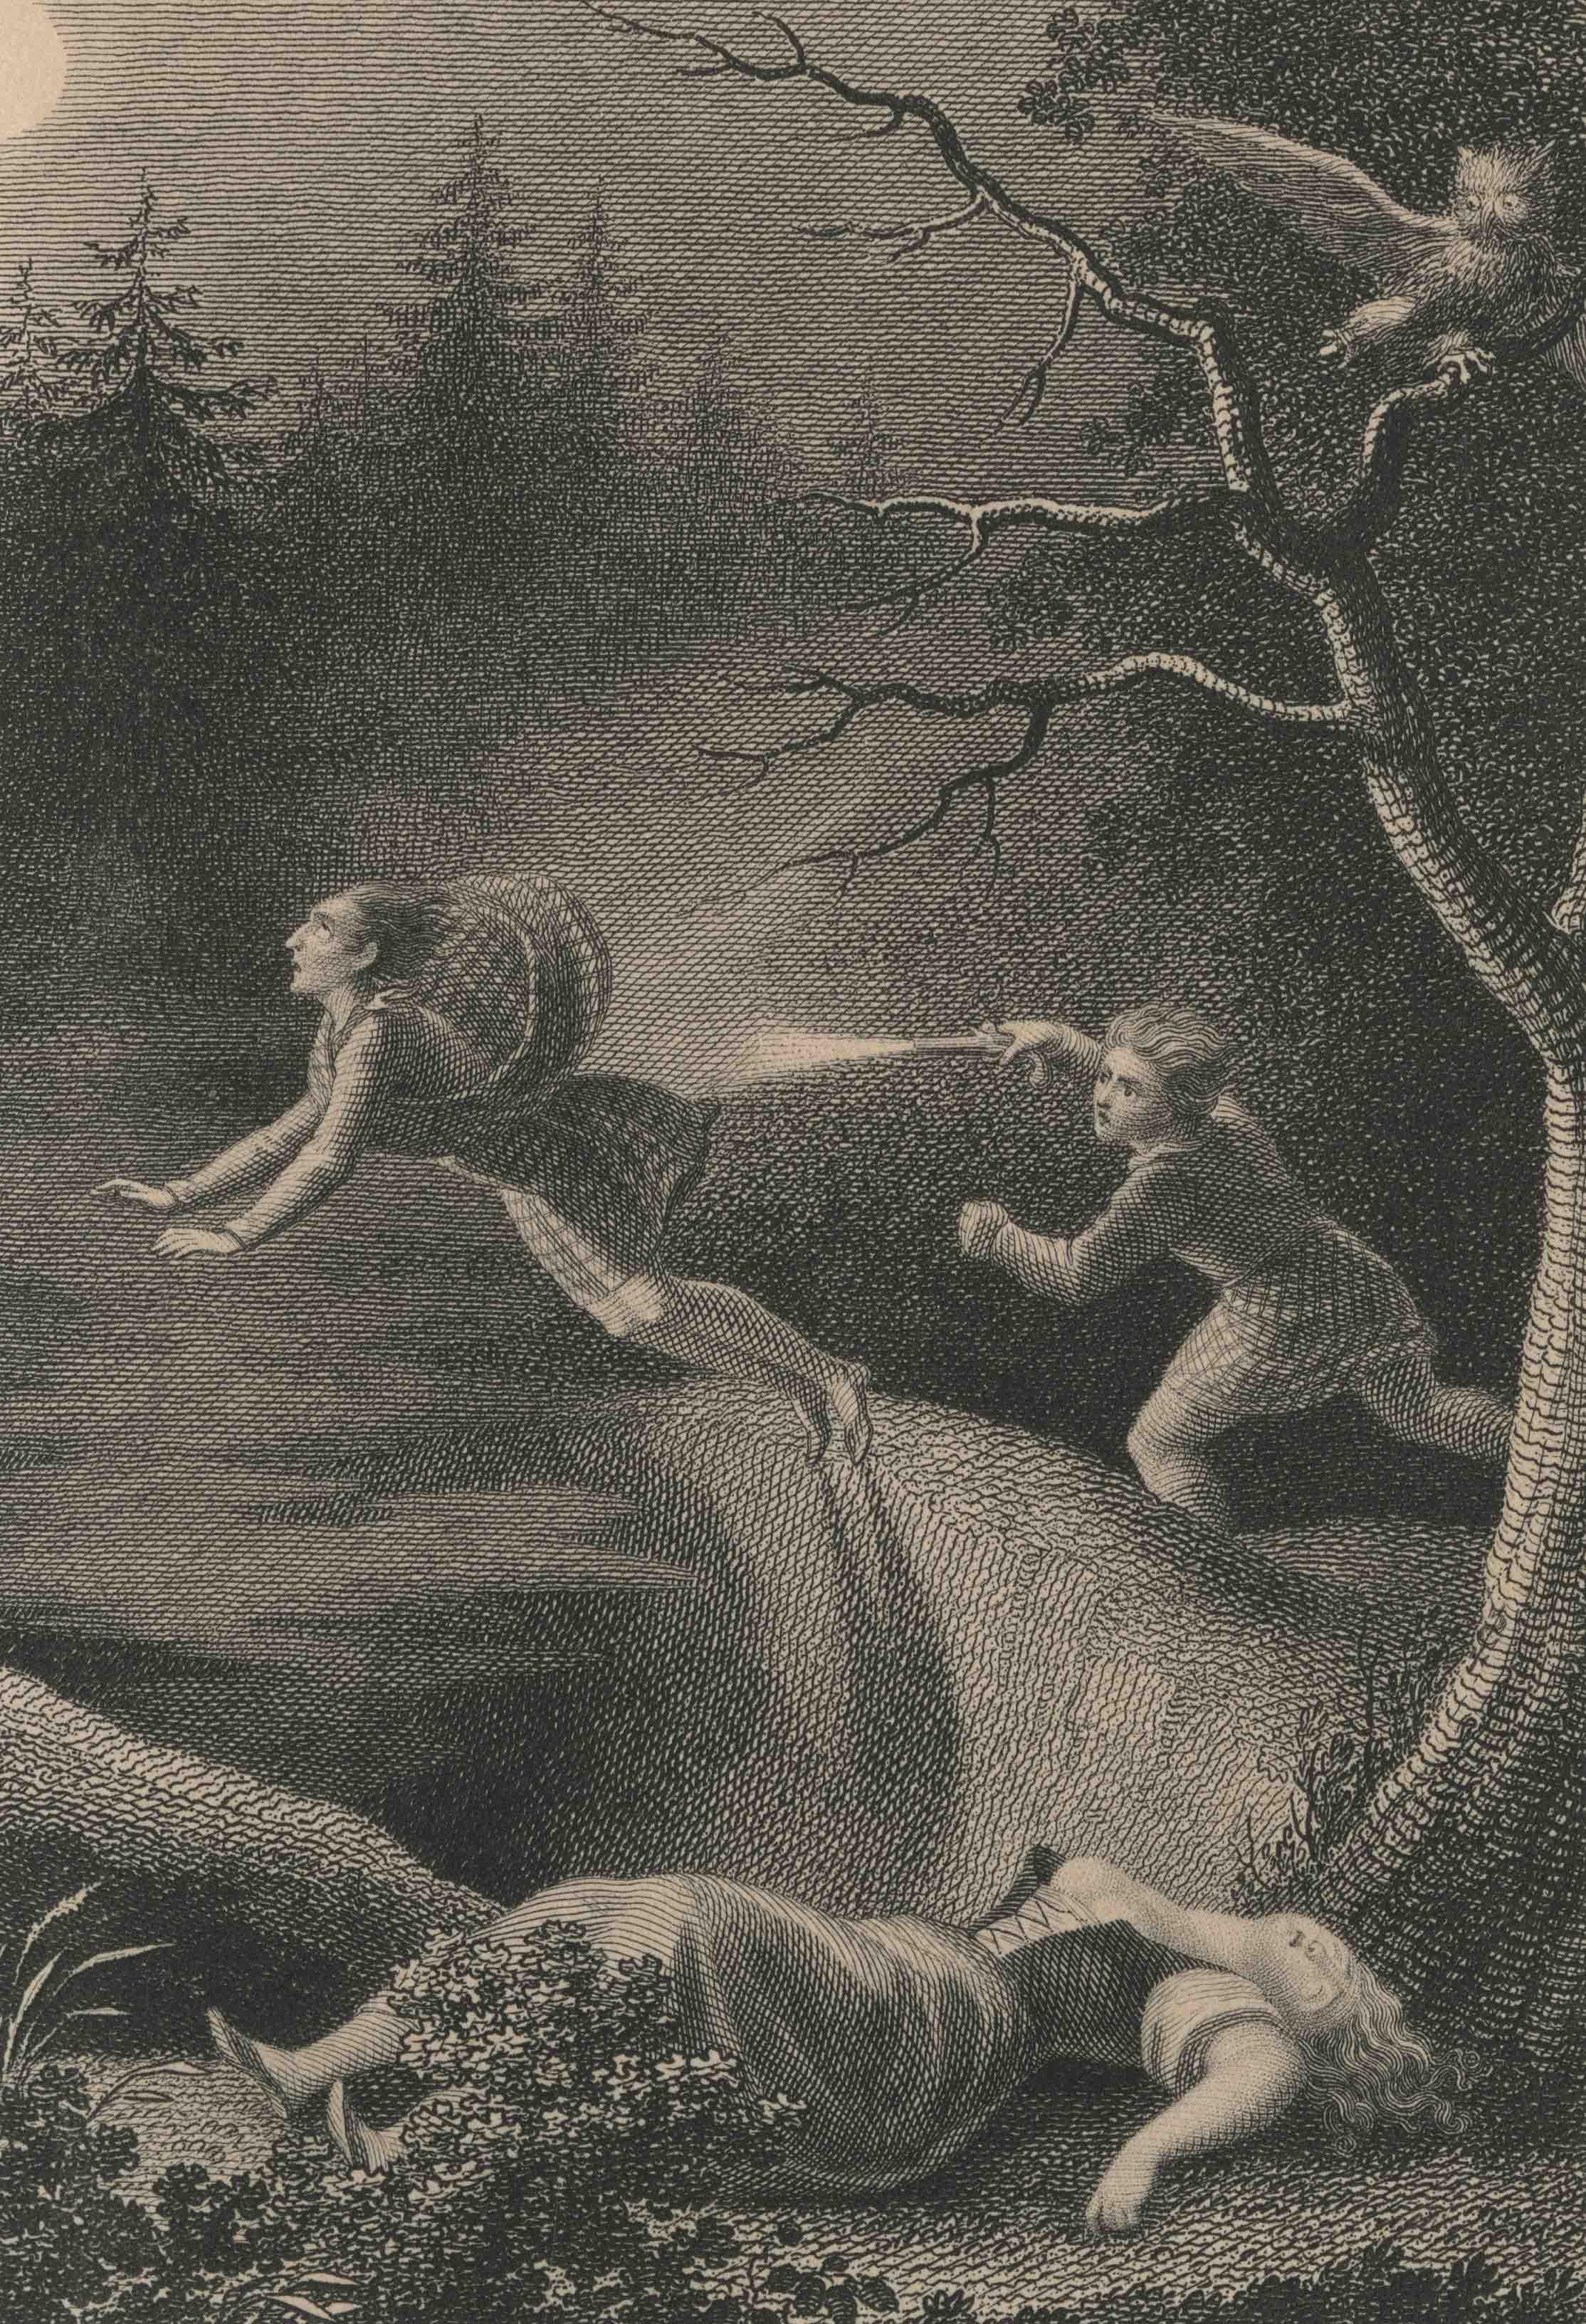 UniM Bail Music RB  830.8008 ORPH <br> Ernst Fleishcher, publisher ;  Johann Heinrich Ramberg, artist <br> Orphea: Taschenbuch für 1831: Achter Jahrgang mit acht Kupfern nach Heinr. Ramberg zu dem Vampyr  <br> Leipzig , [1830] <br> Pocketbook for 1831